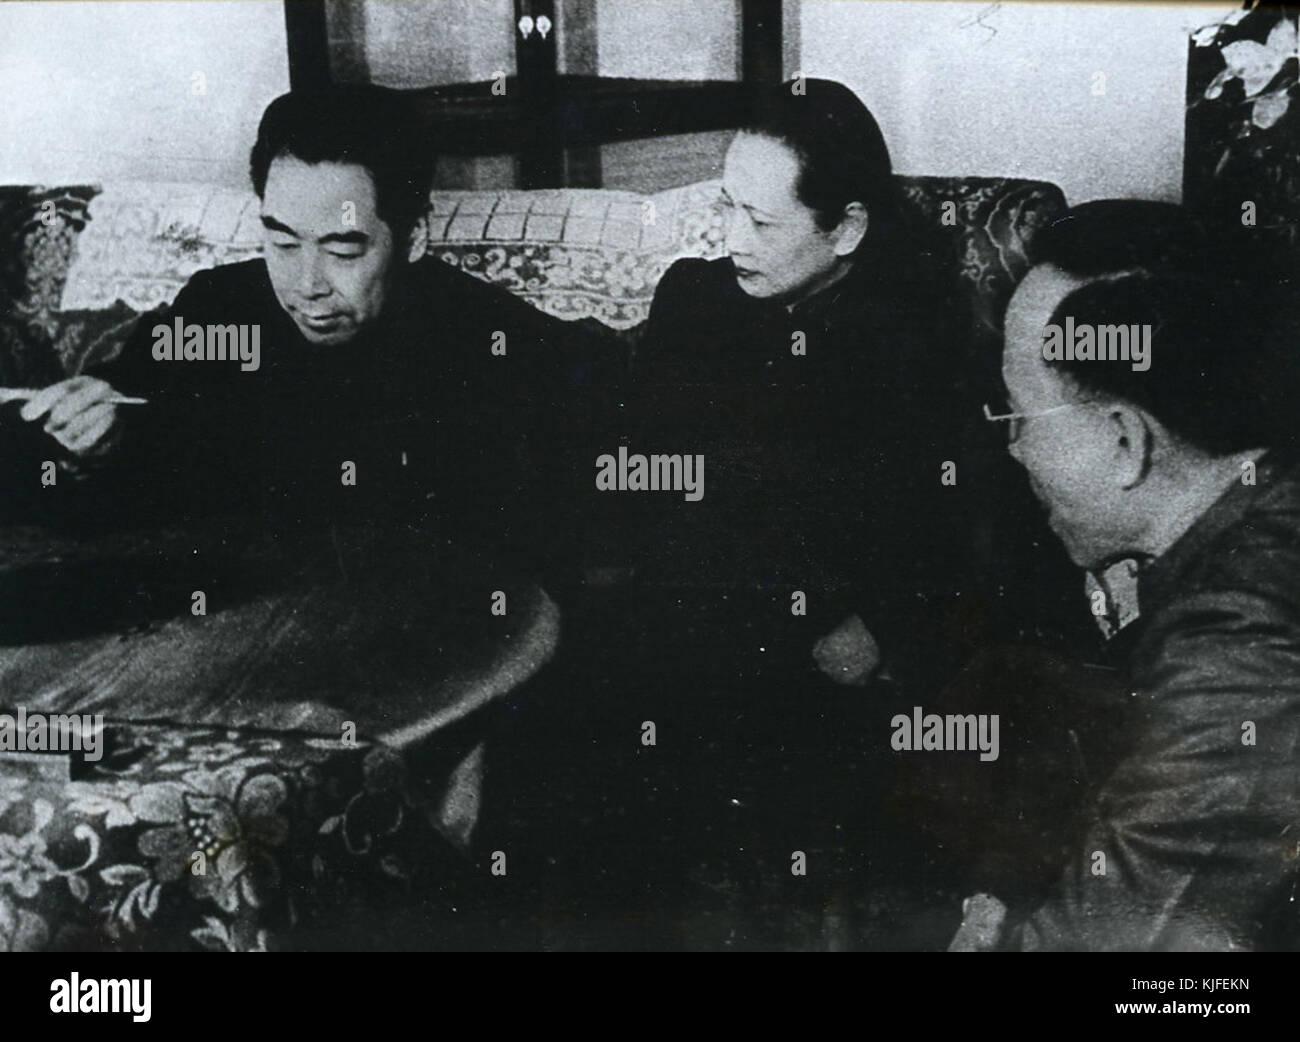 Zhou, Soong et Guo sign in Protéger Mouvement mondial pour la paix Photo Stock